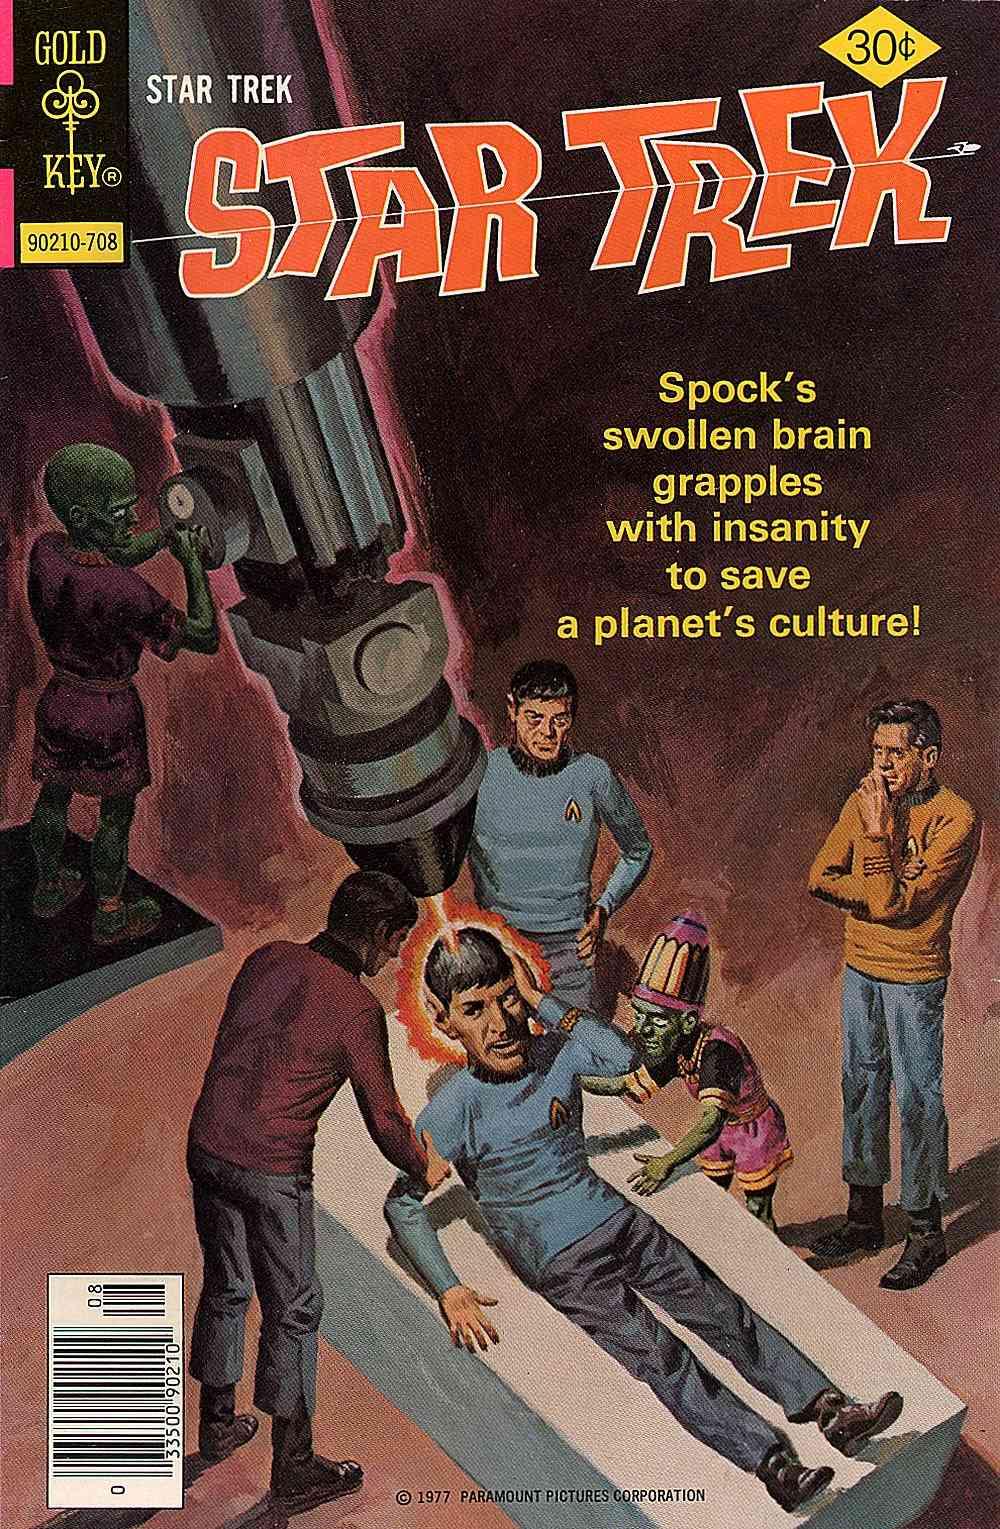 Star Trek (1967) issue 46 - Page 1